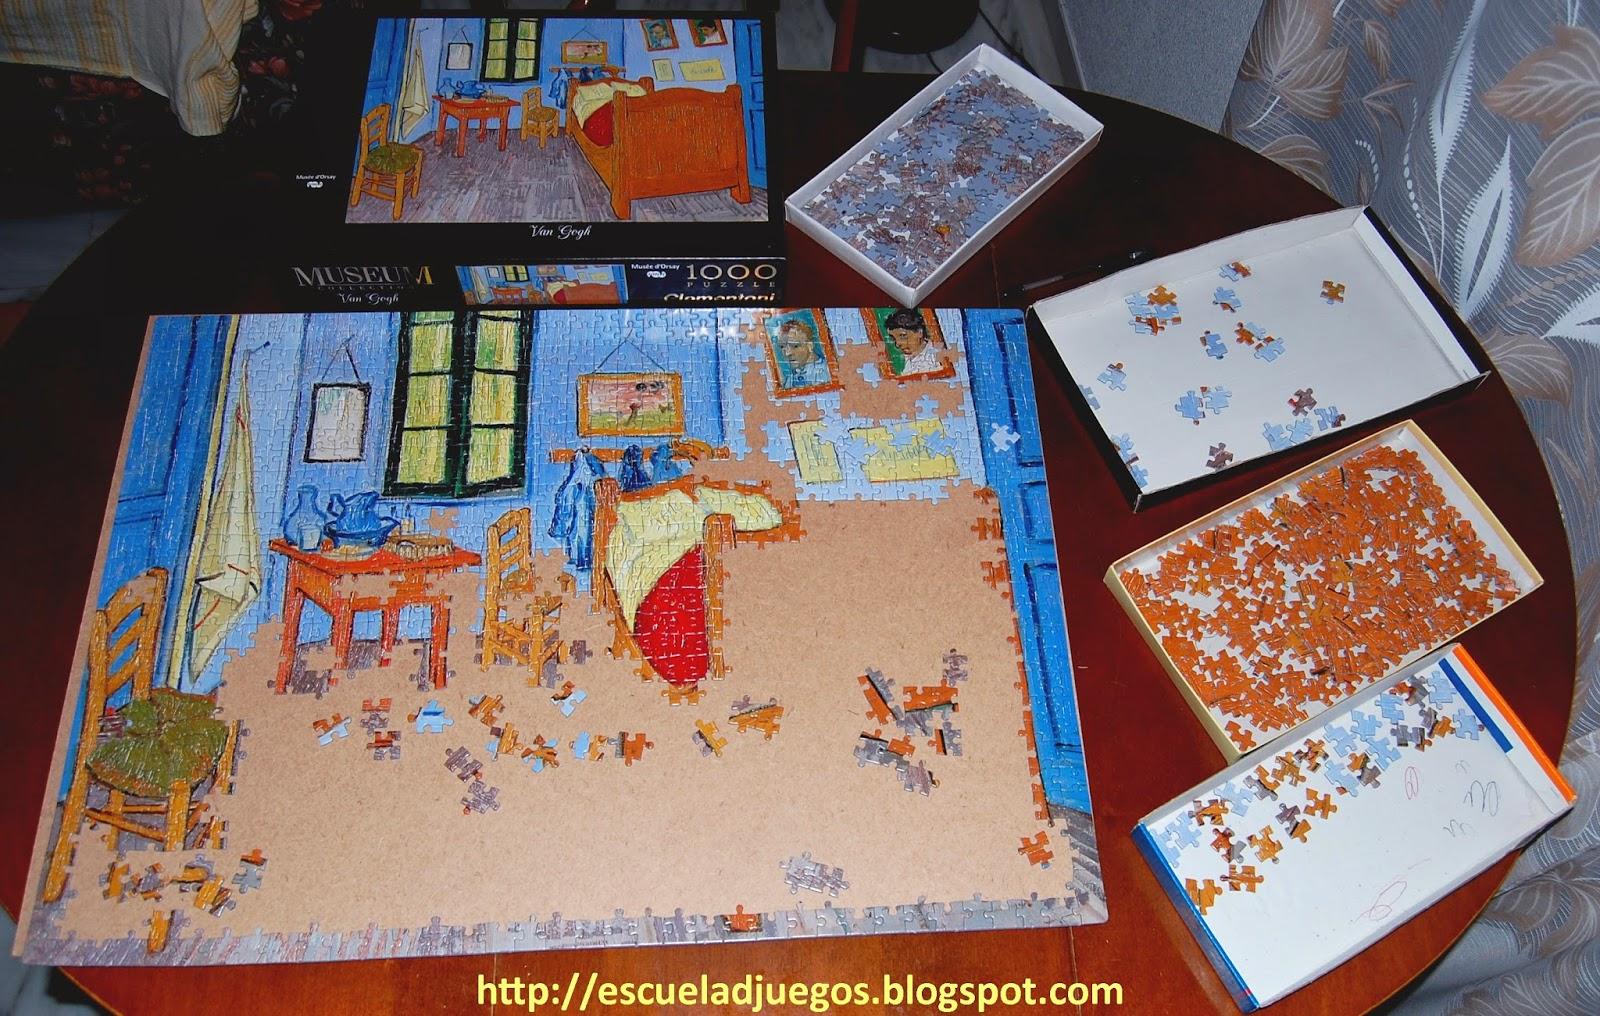 Puzzle de La habitación de Van Gogh, de 1000 piezas editado por Clementoni, en construcción